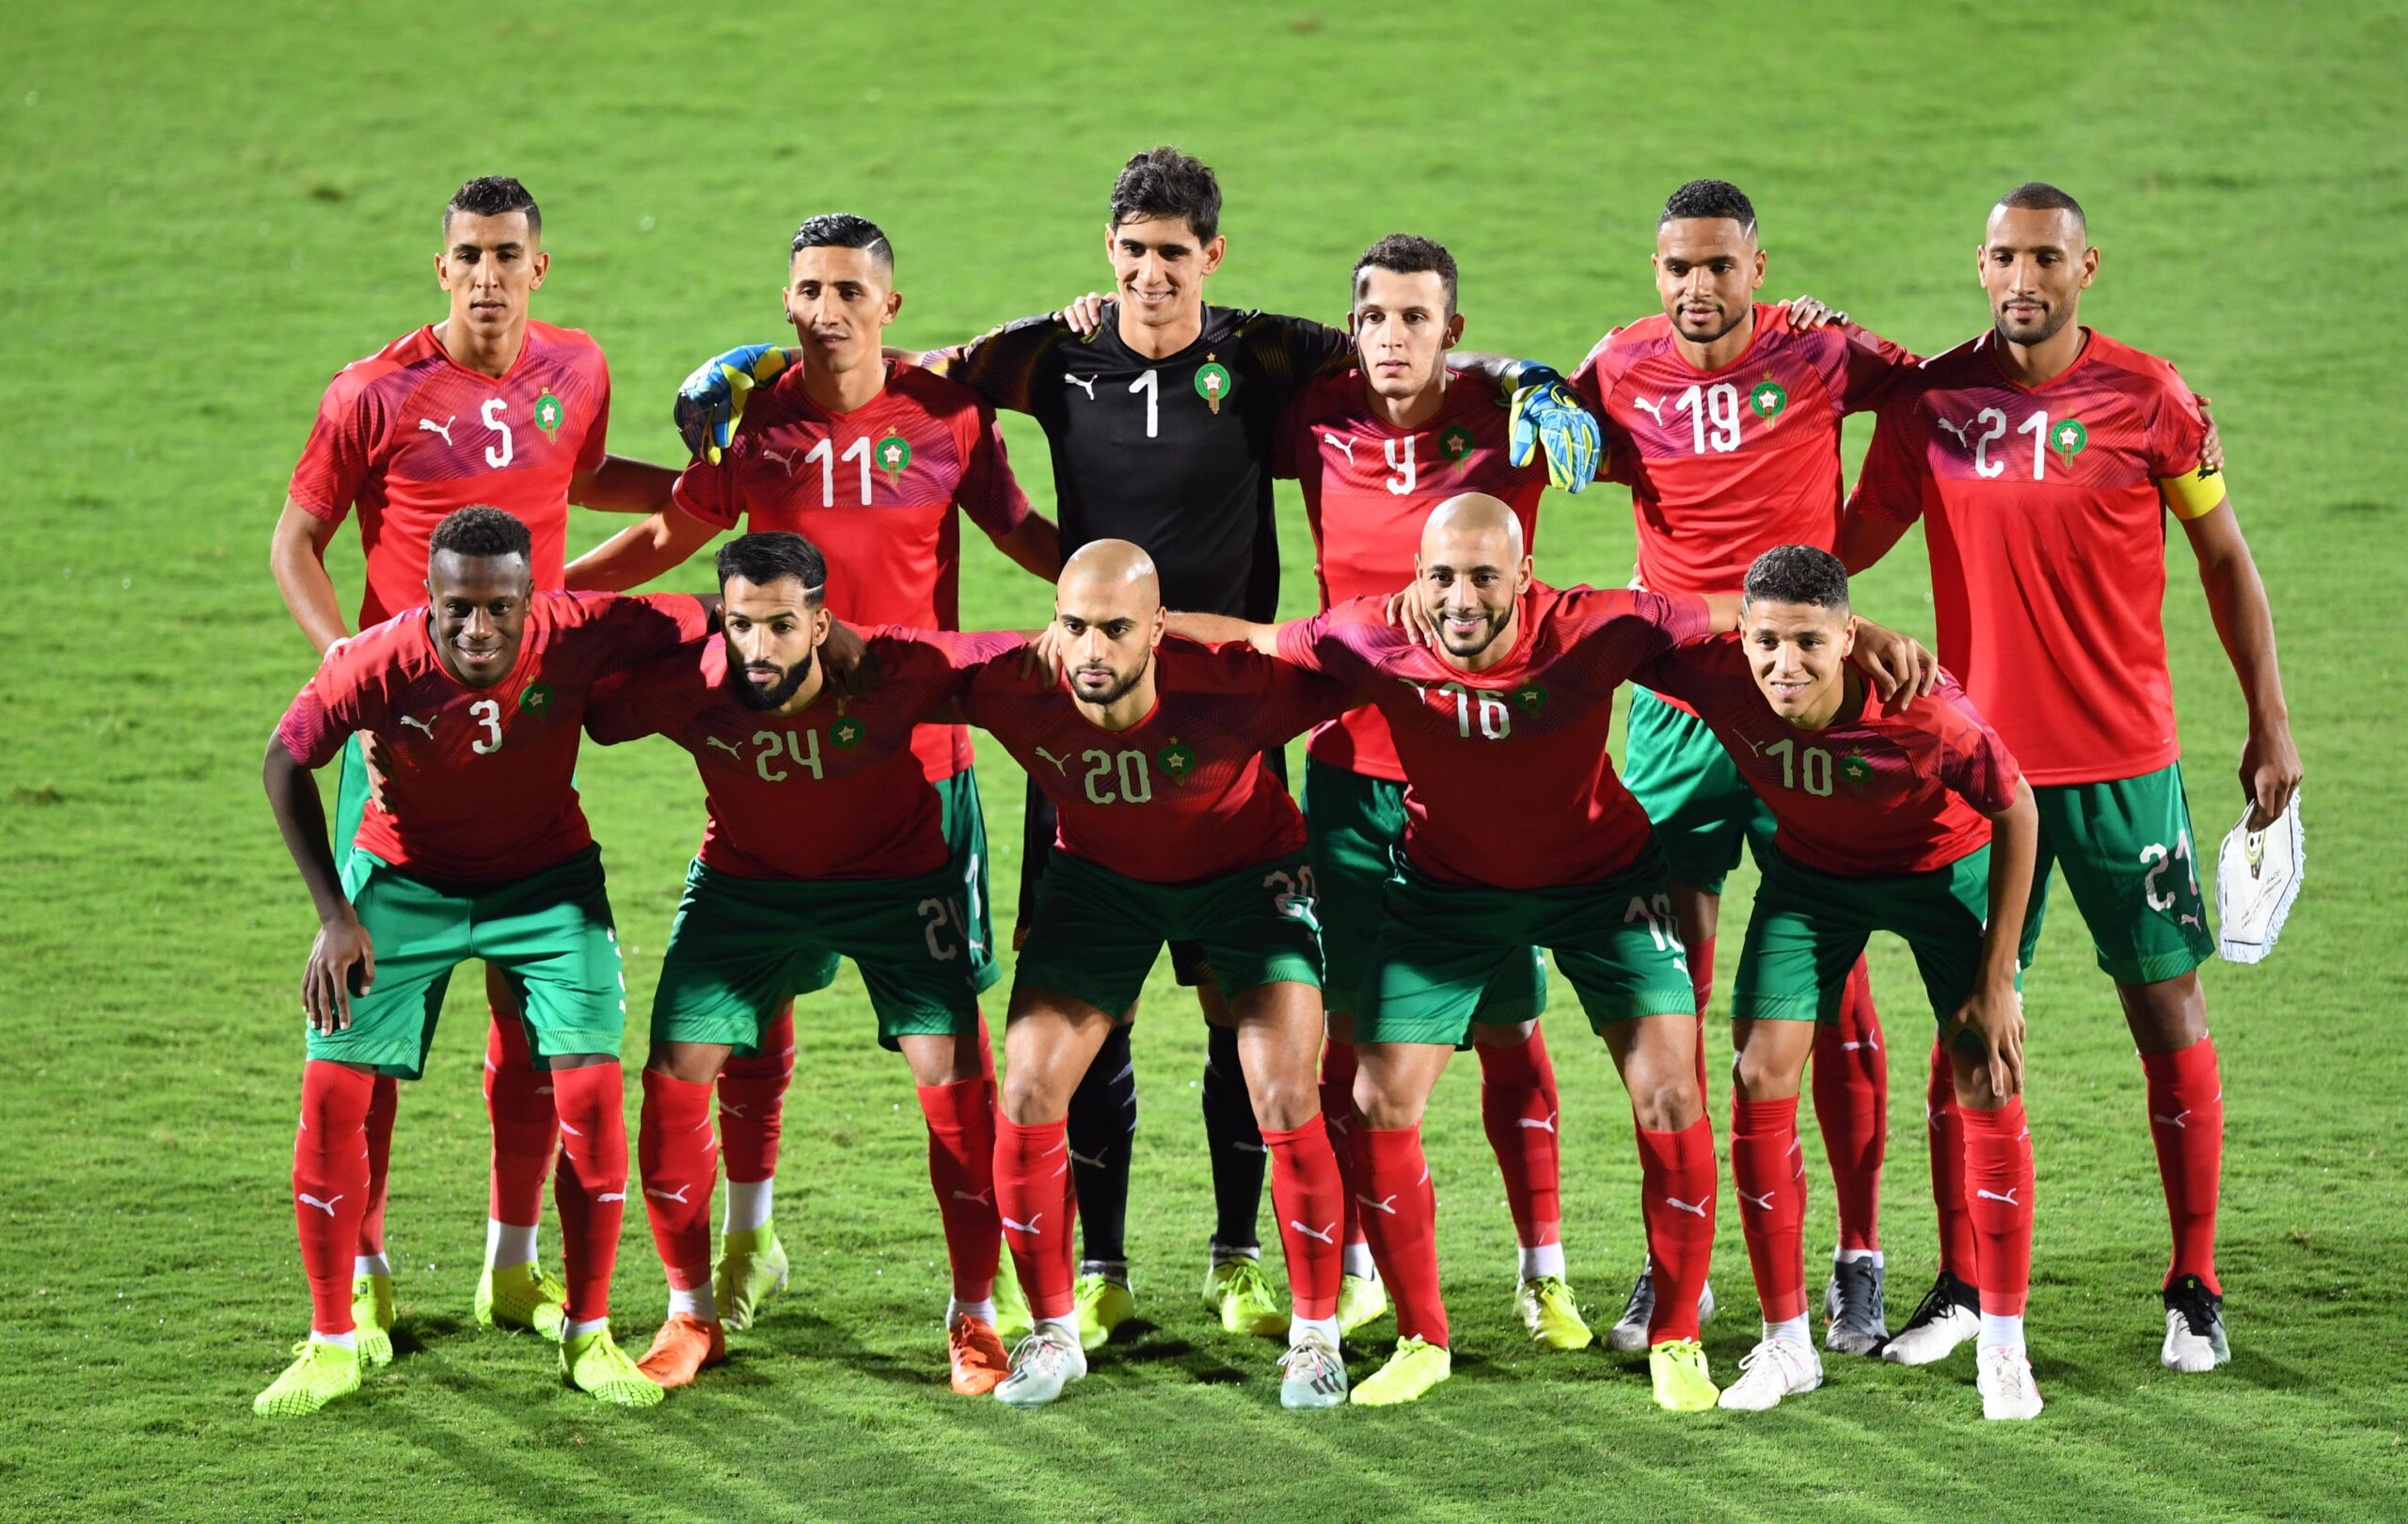 المغرب في المجموعة الثالثة في كأس العرب فيفا قطر 2021